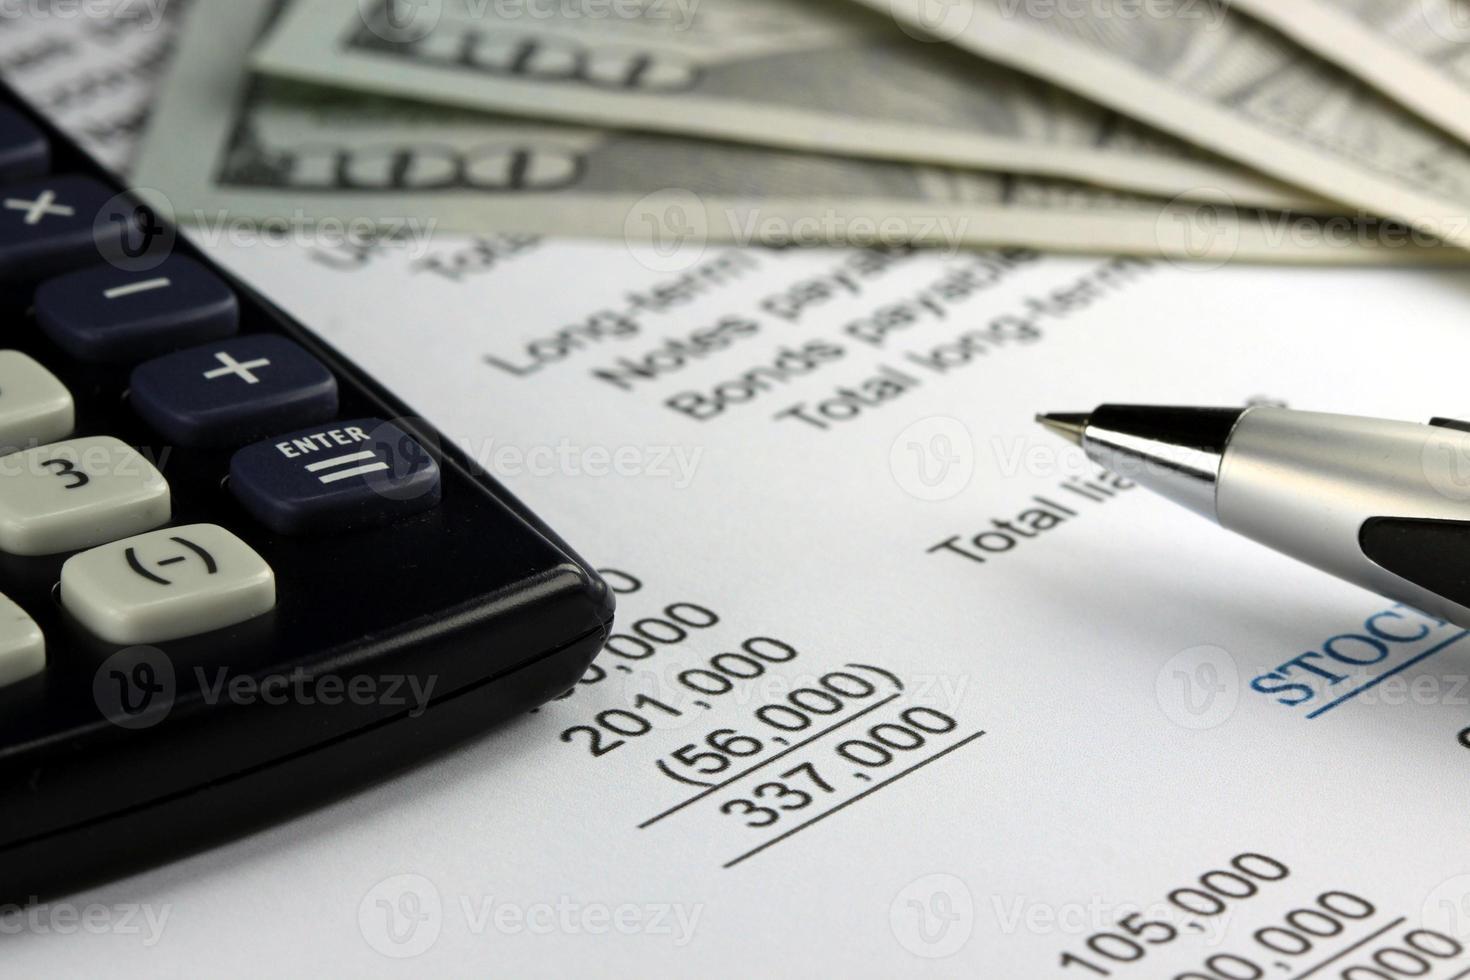 nos moeda, calculadora e documentos financeiros closeup foto